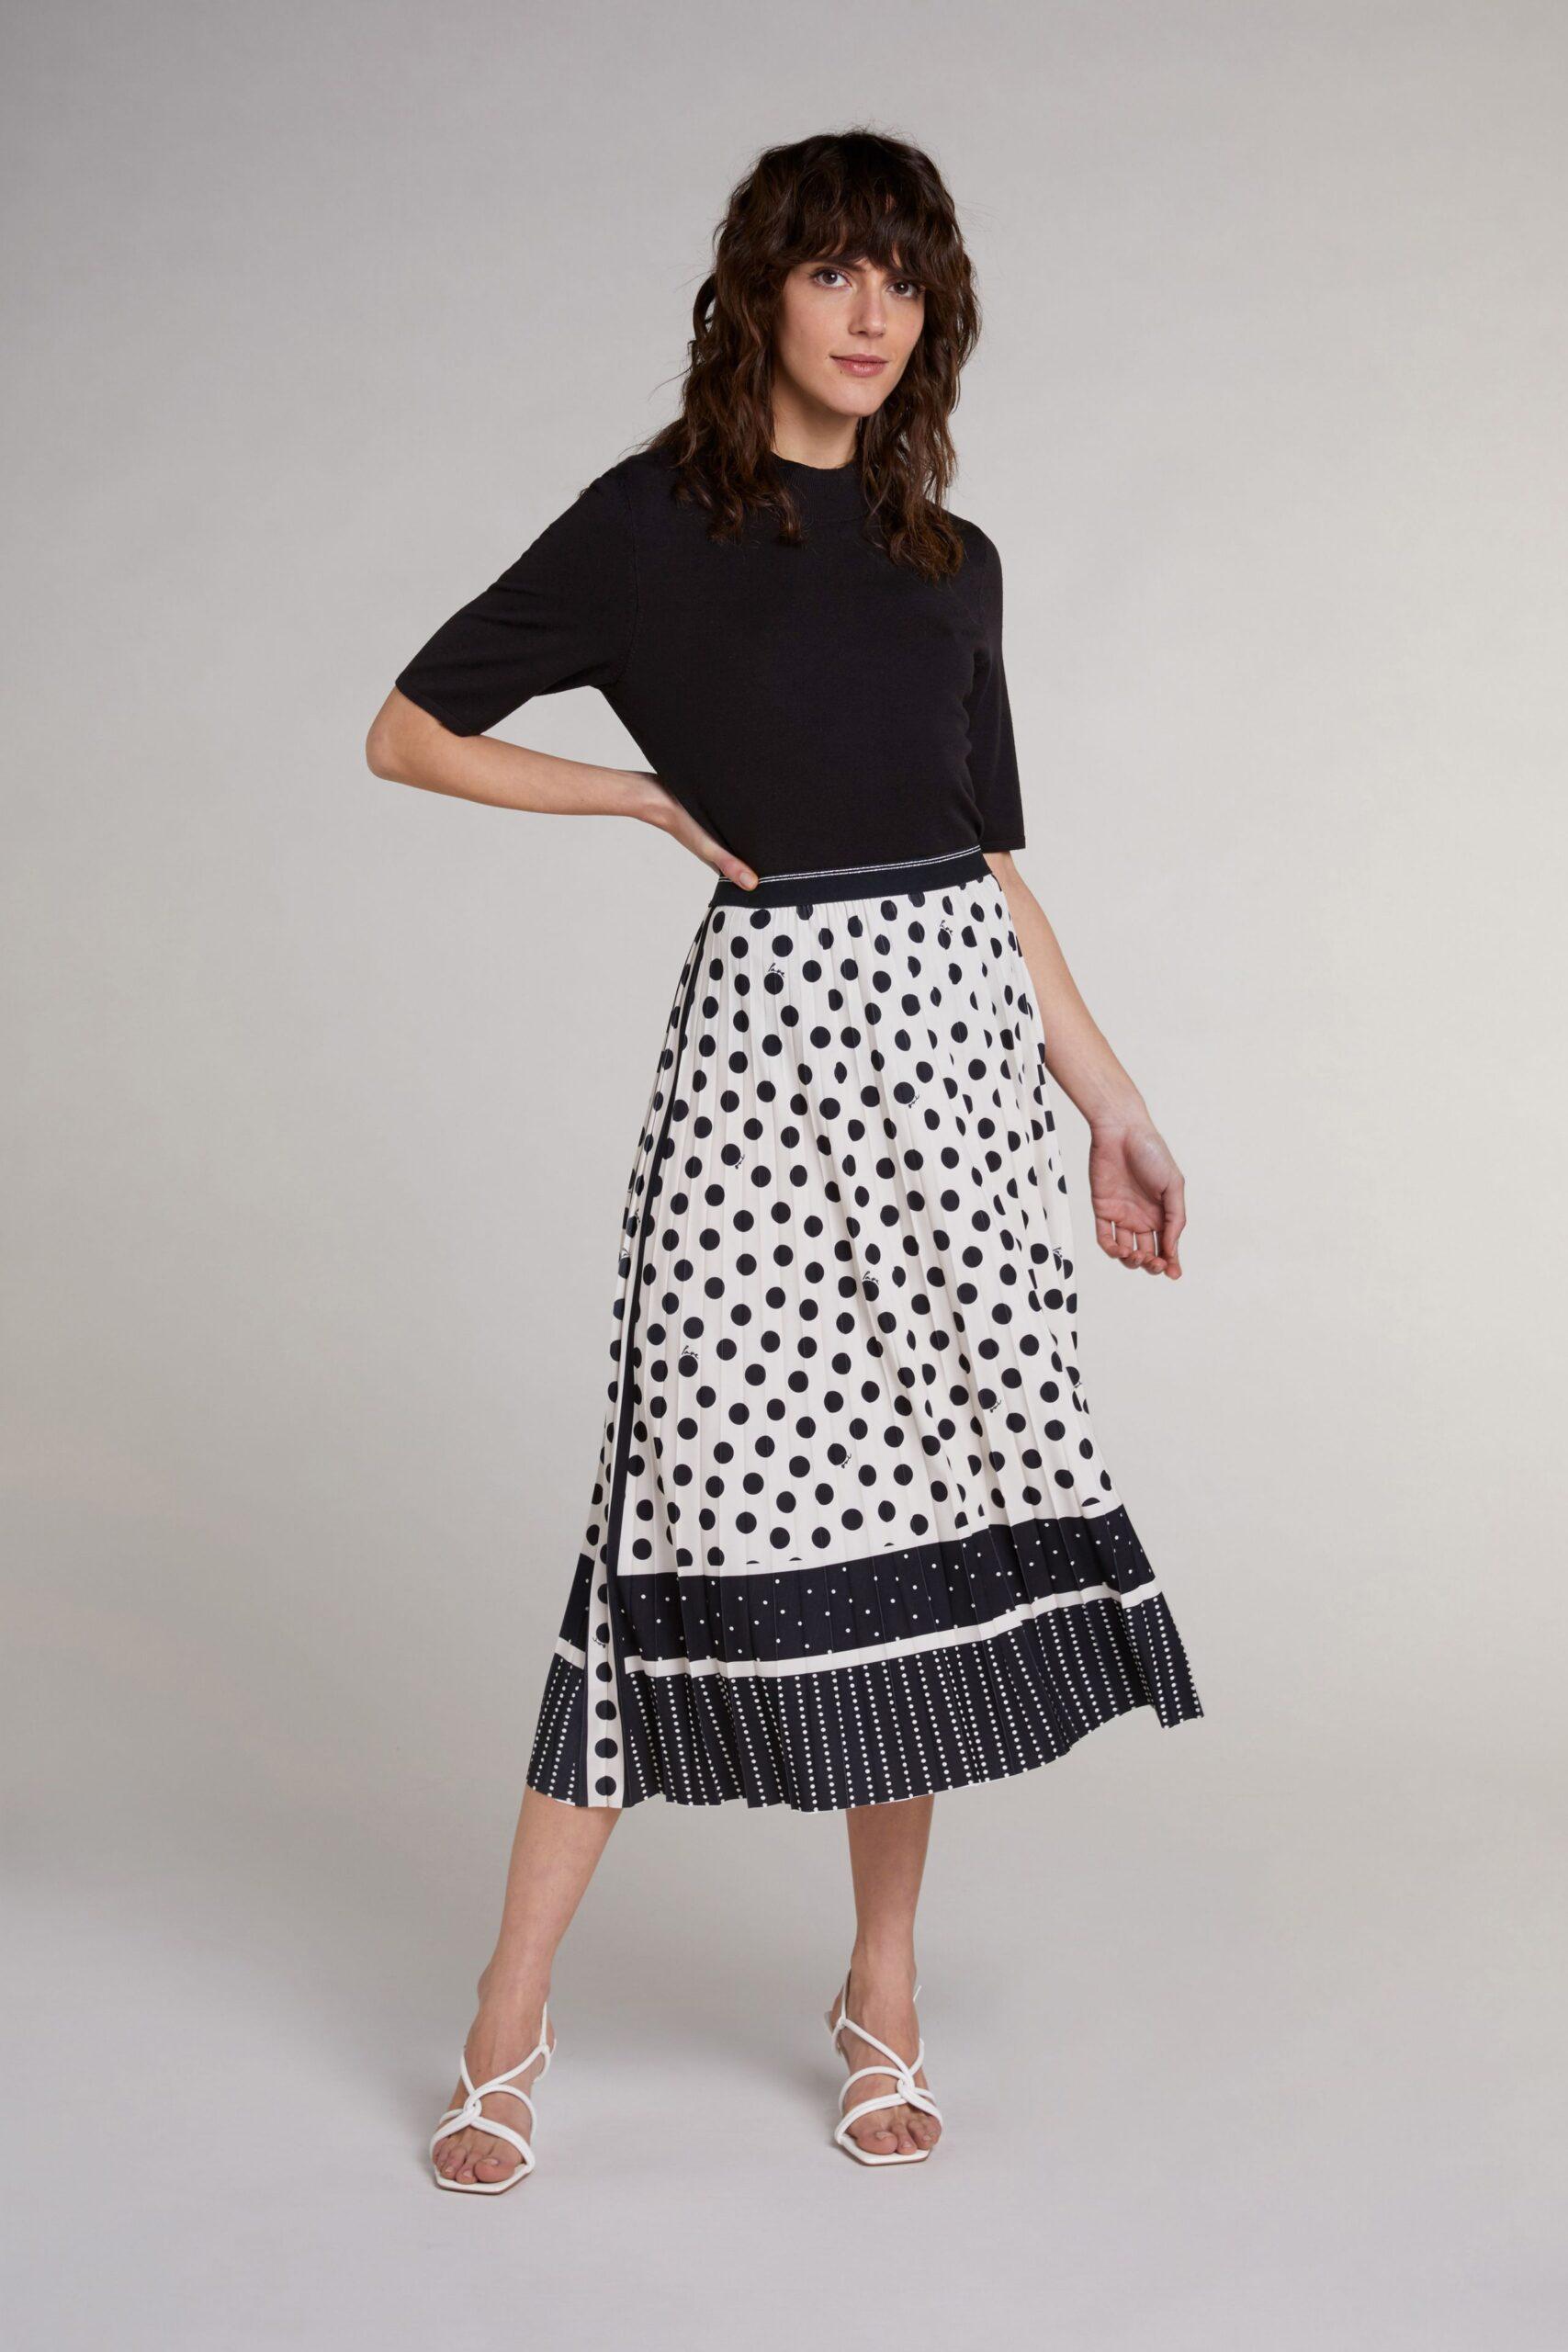 oui pleated skirt effigy